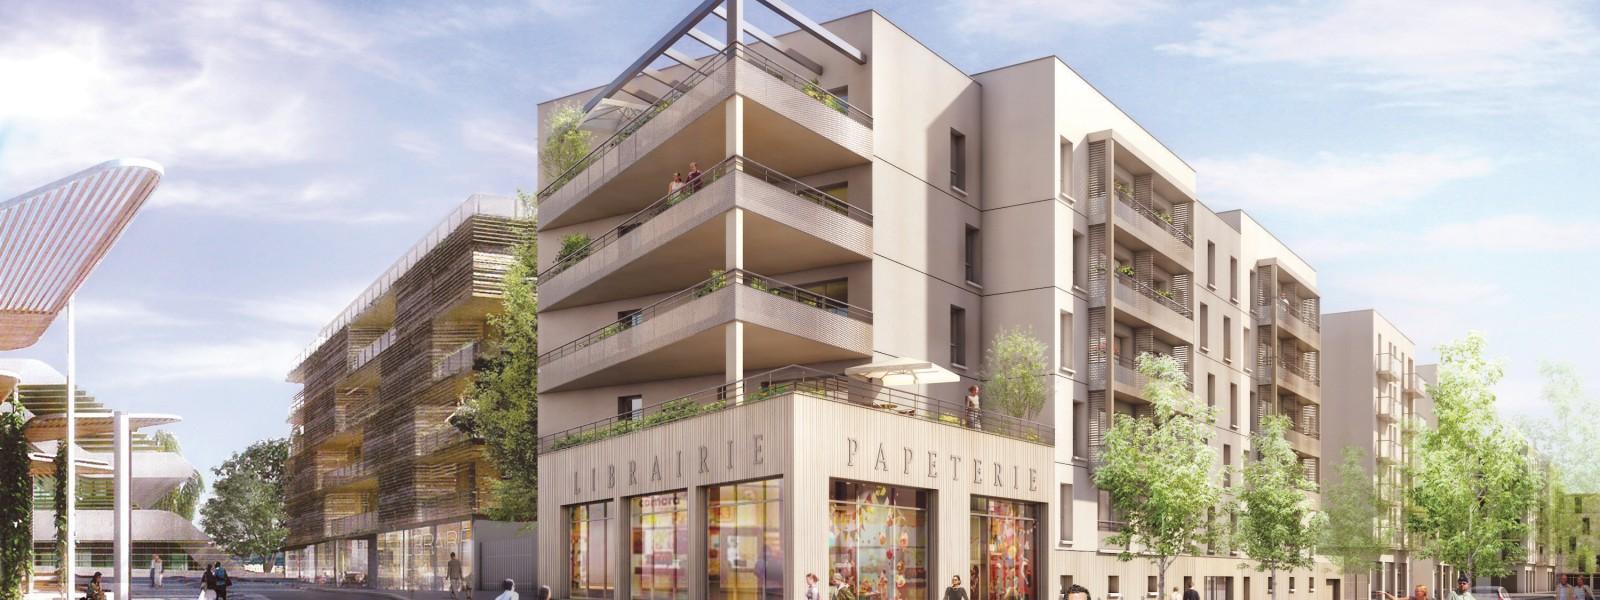 Programme immobilier Montpellier : quels avantages?